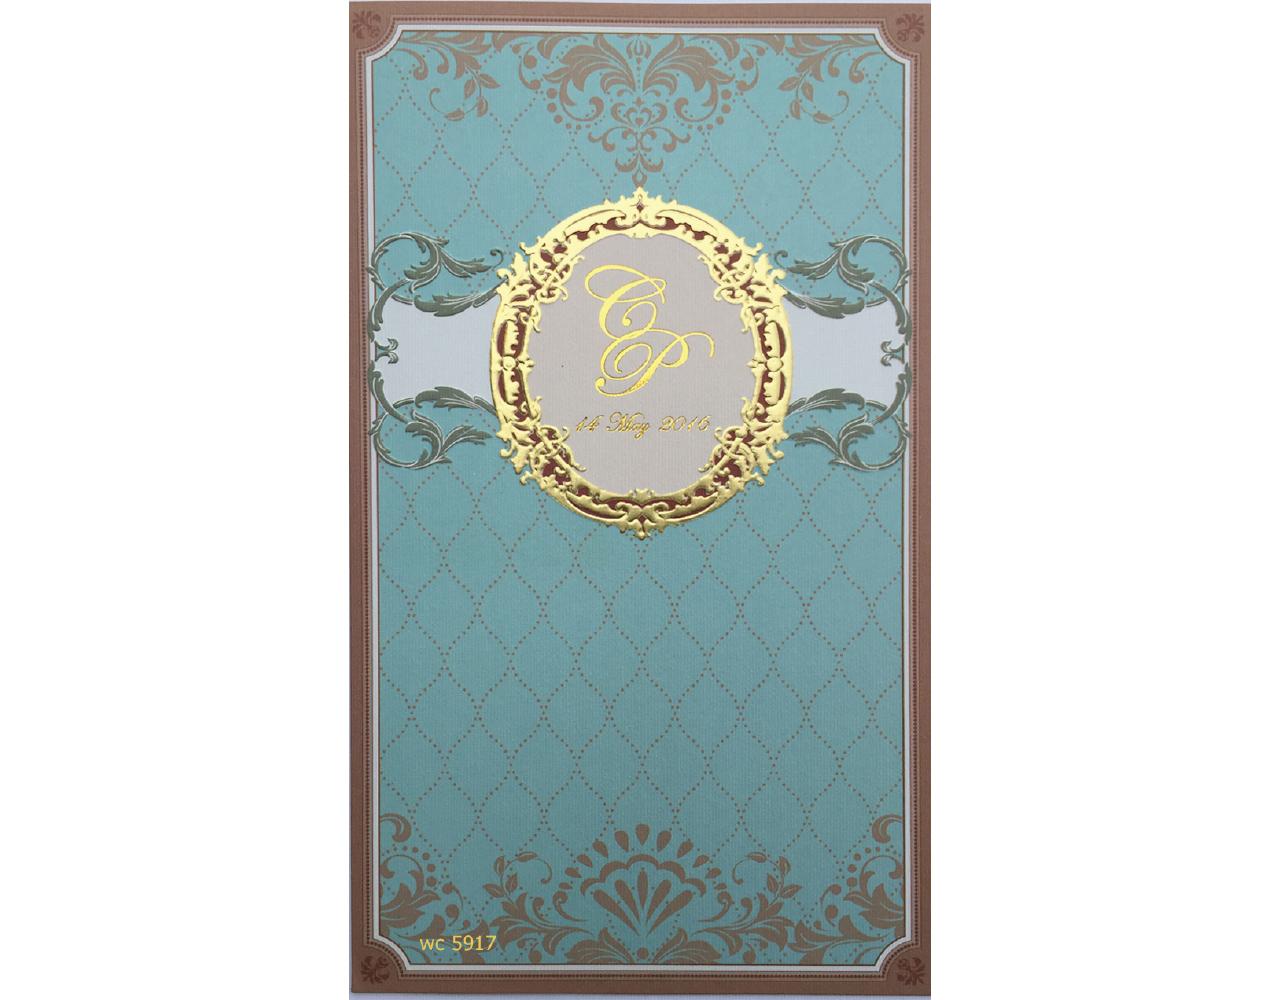 การ์ดแต่งงาน การ์ดเชิญ สีฟ้า แนวตั้ง 2 พับ การ์ดพร้อมซอง wedding card 4.8x8.3 inch wc 5917